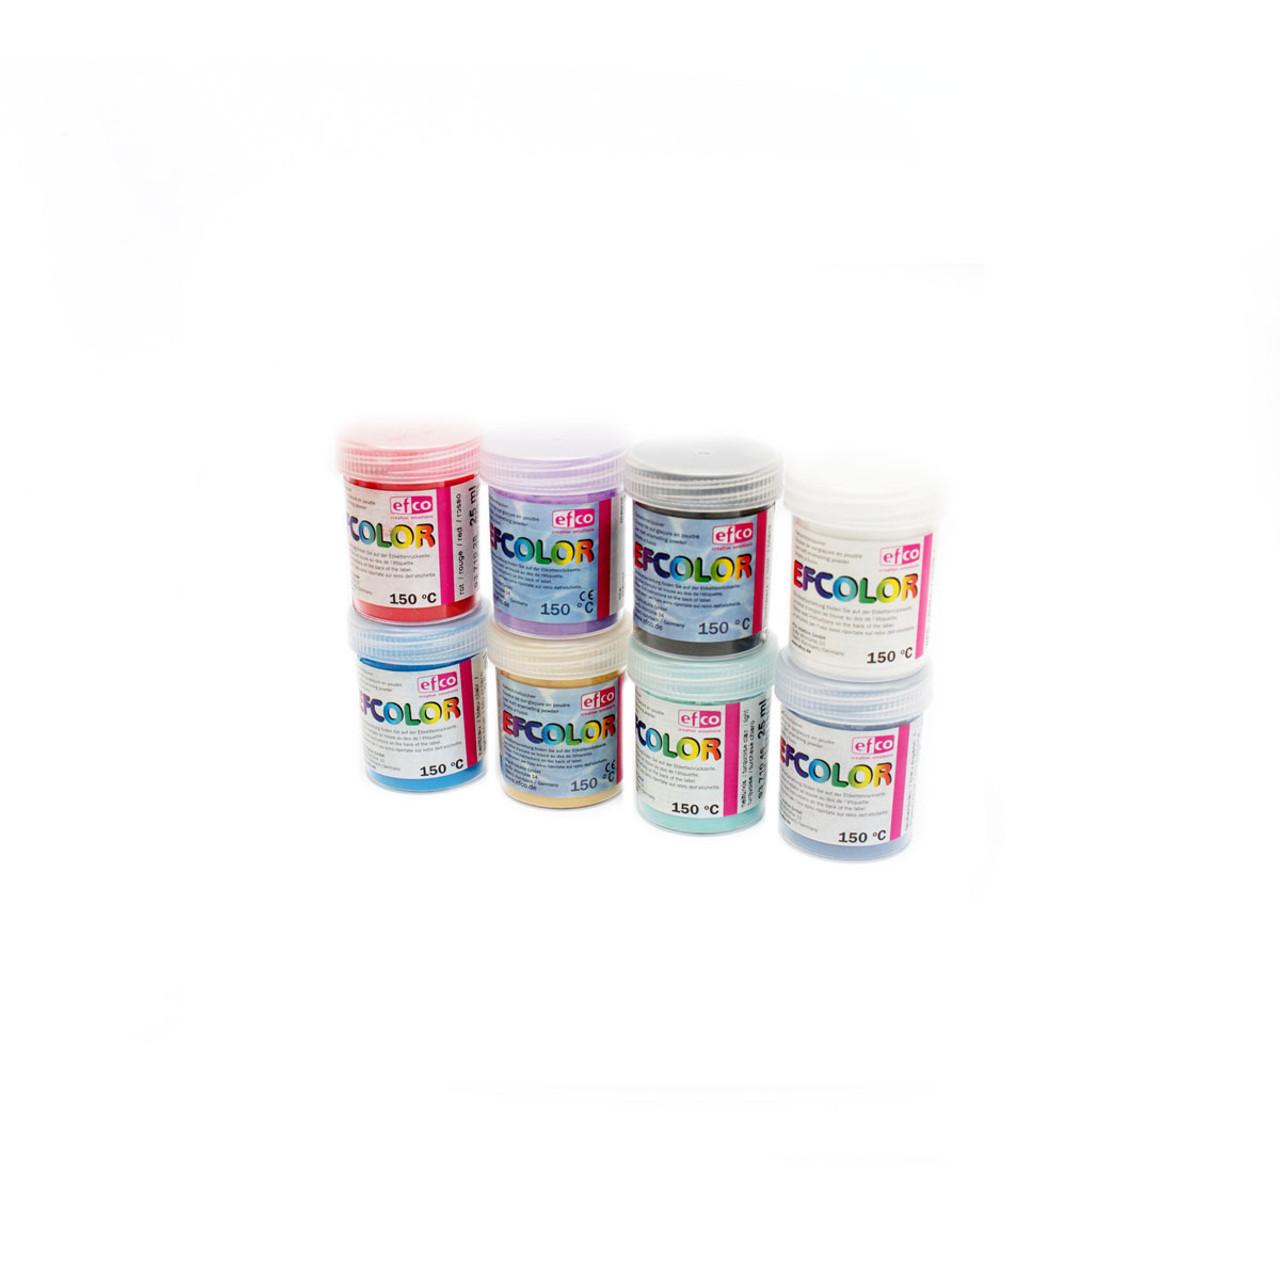 Efcolor Cold Enamel - 25ml LARGE